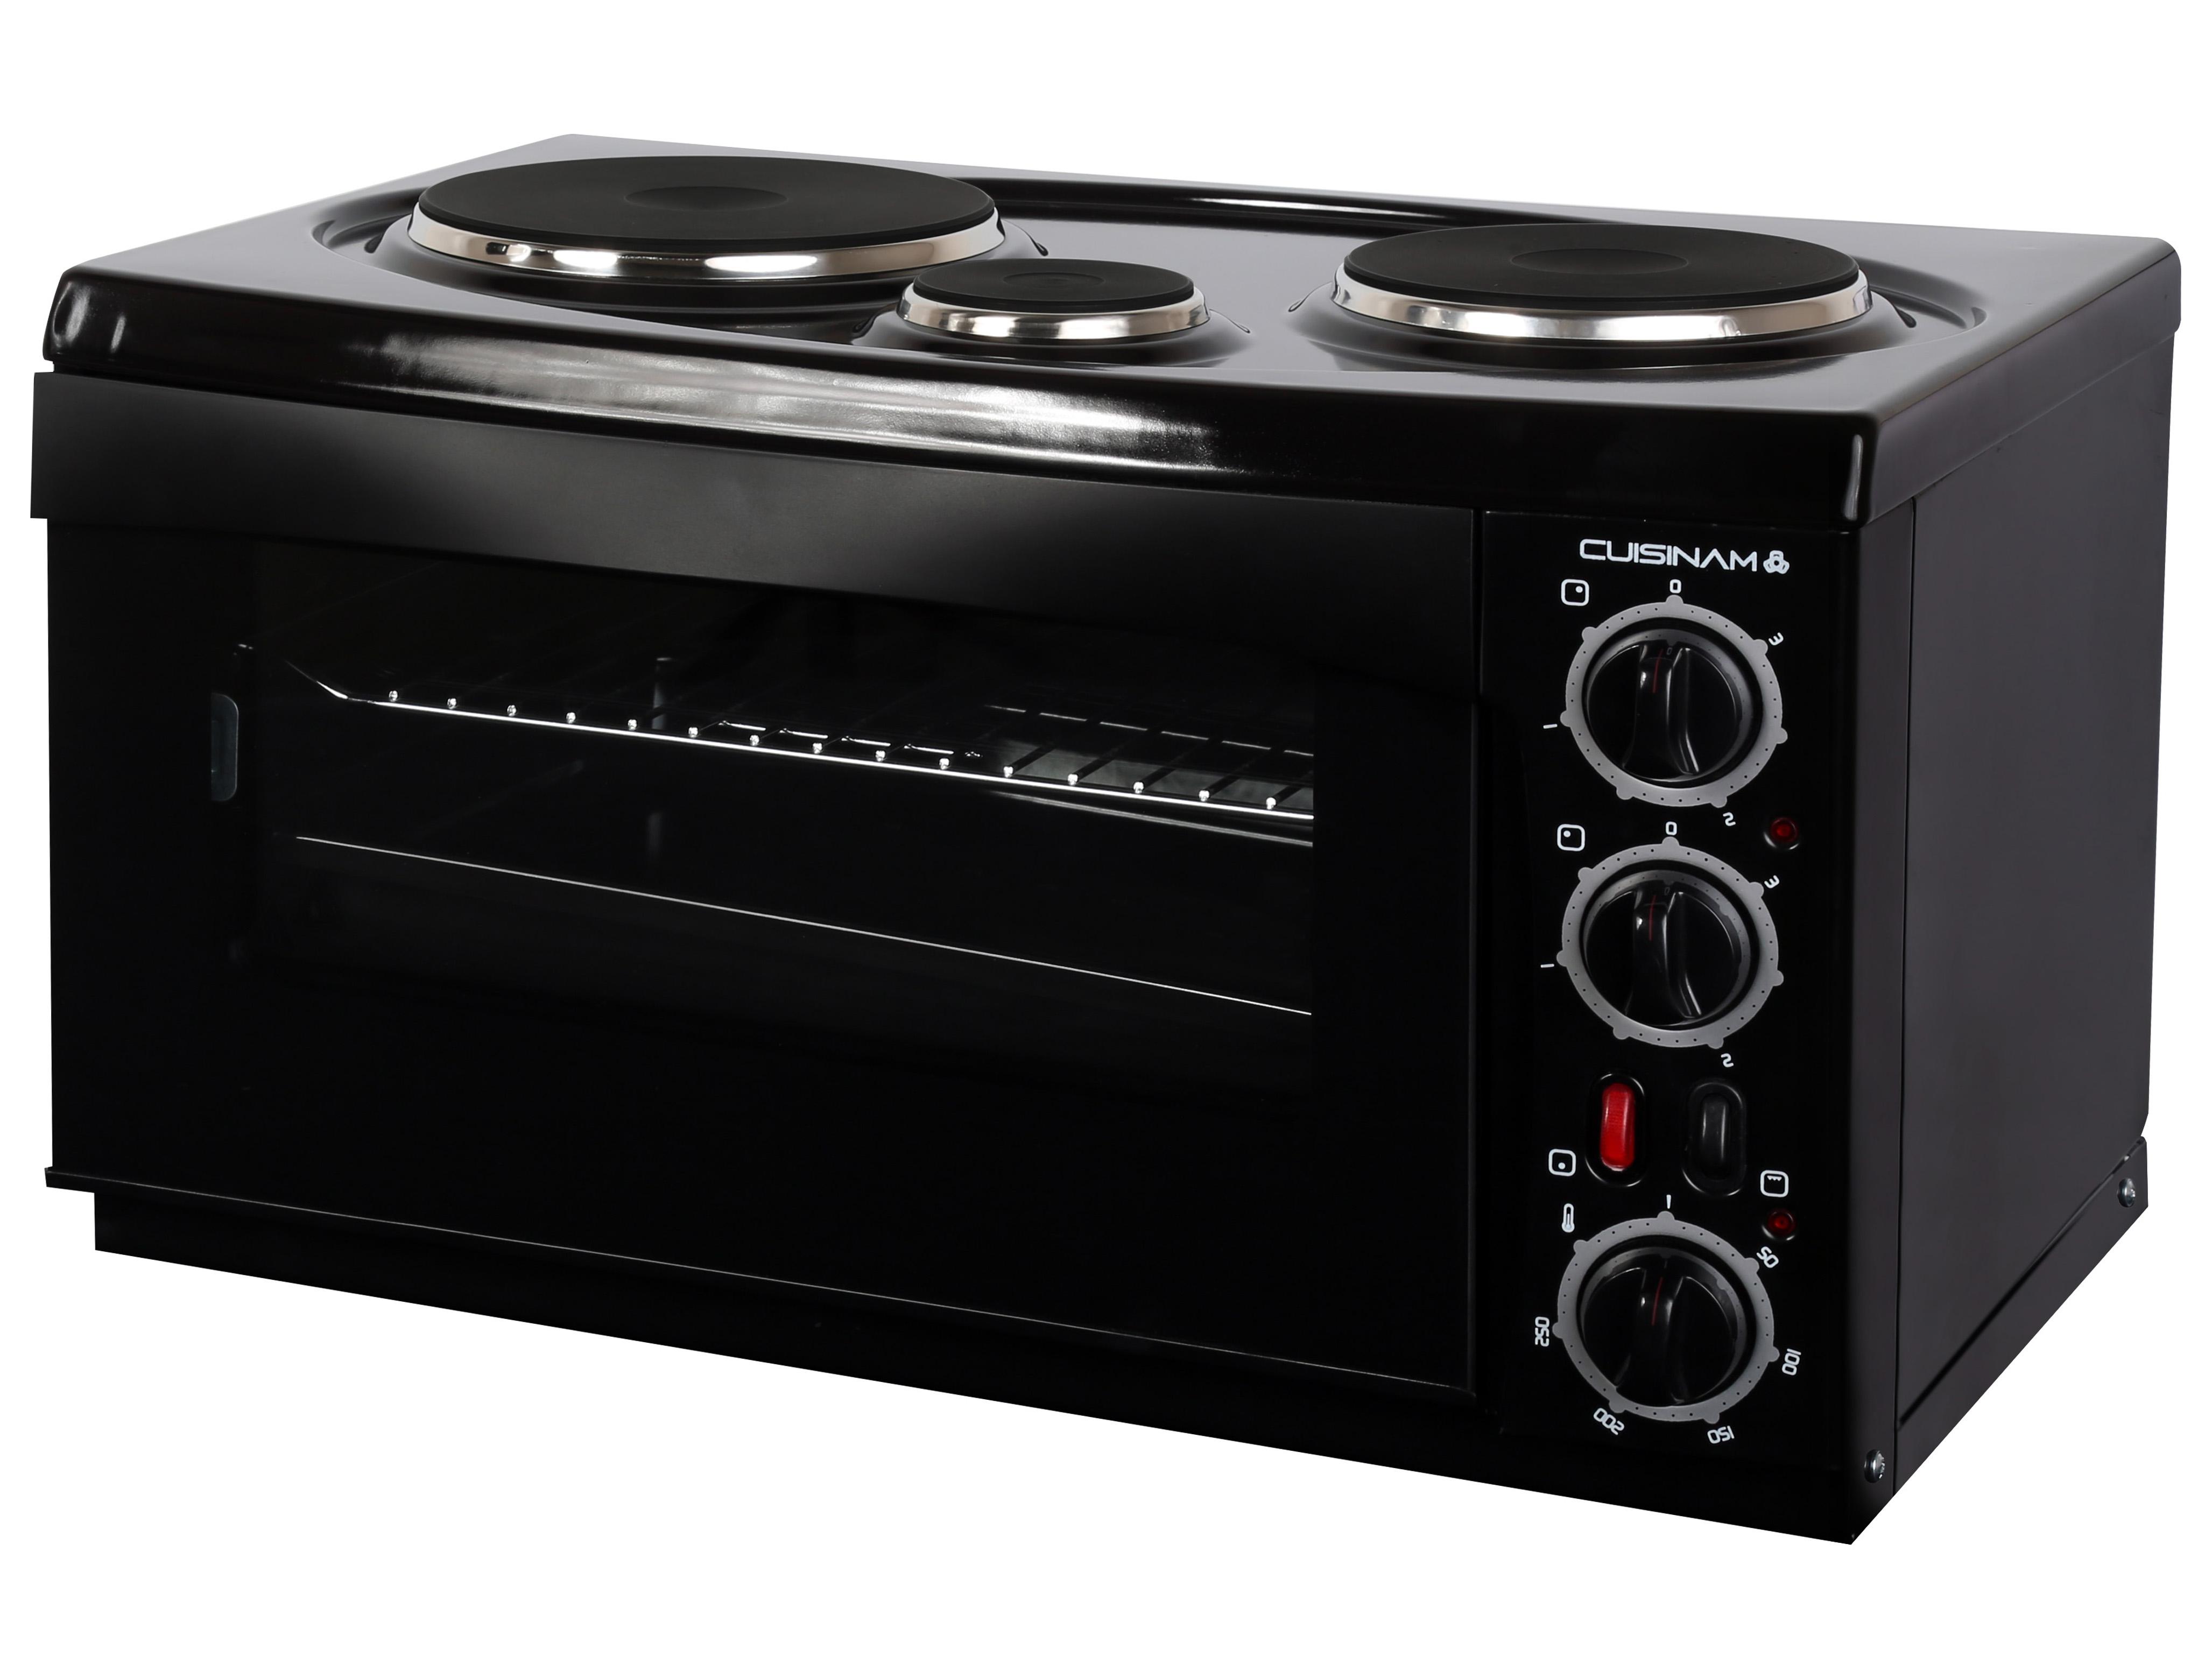 Midi Oven CF 4505